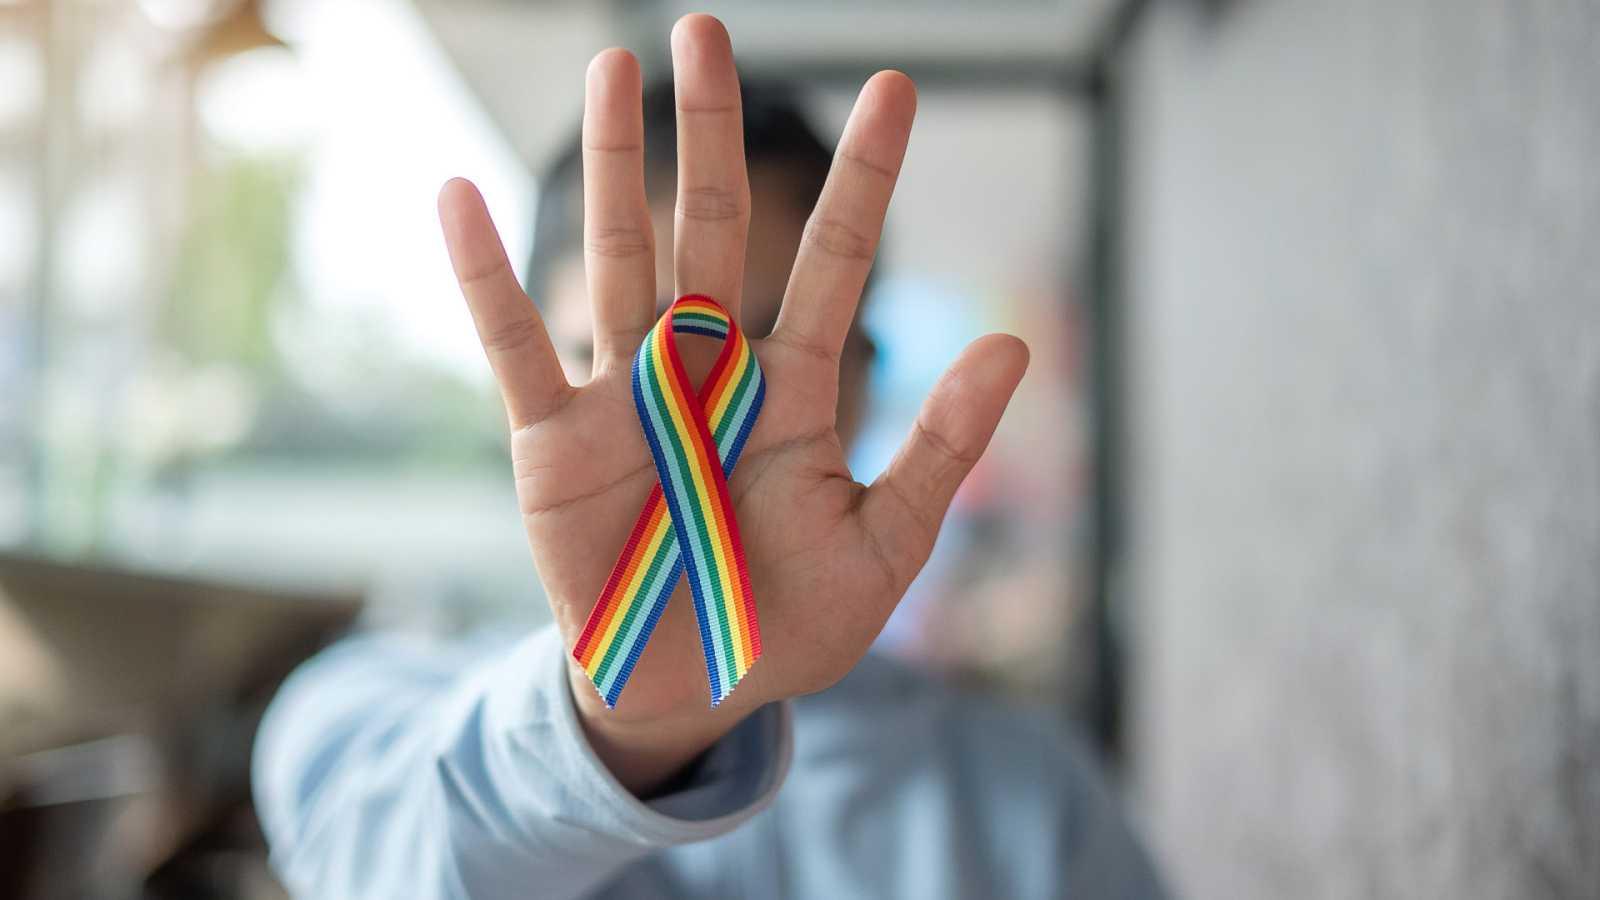 Wisteria Lane - Denuncia a la Televisión gallega por acoso laboral por homofobia - 20/06/21 - Escuchar ahora